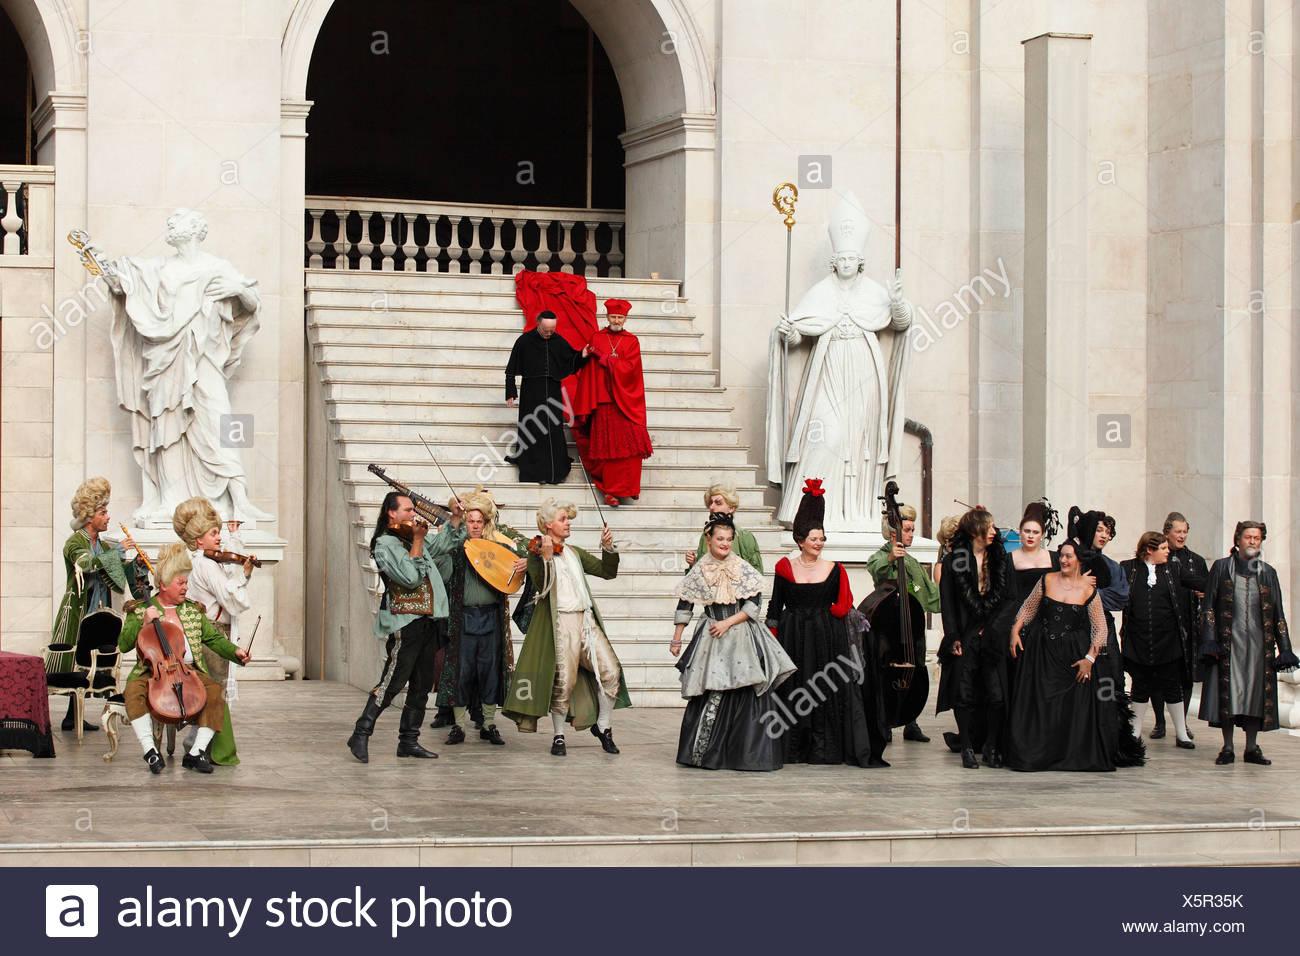 Jedermann, jedermann, spielen 2009, von Hugo von Hofmannsthal, Salzburger Festspiele, Salzburg, Österreich, Europa Stockbild